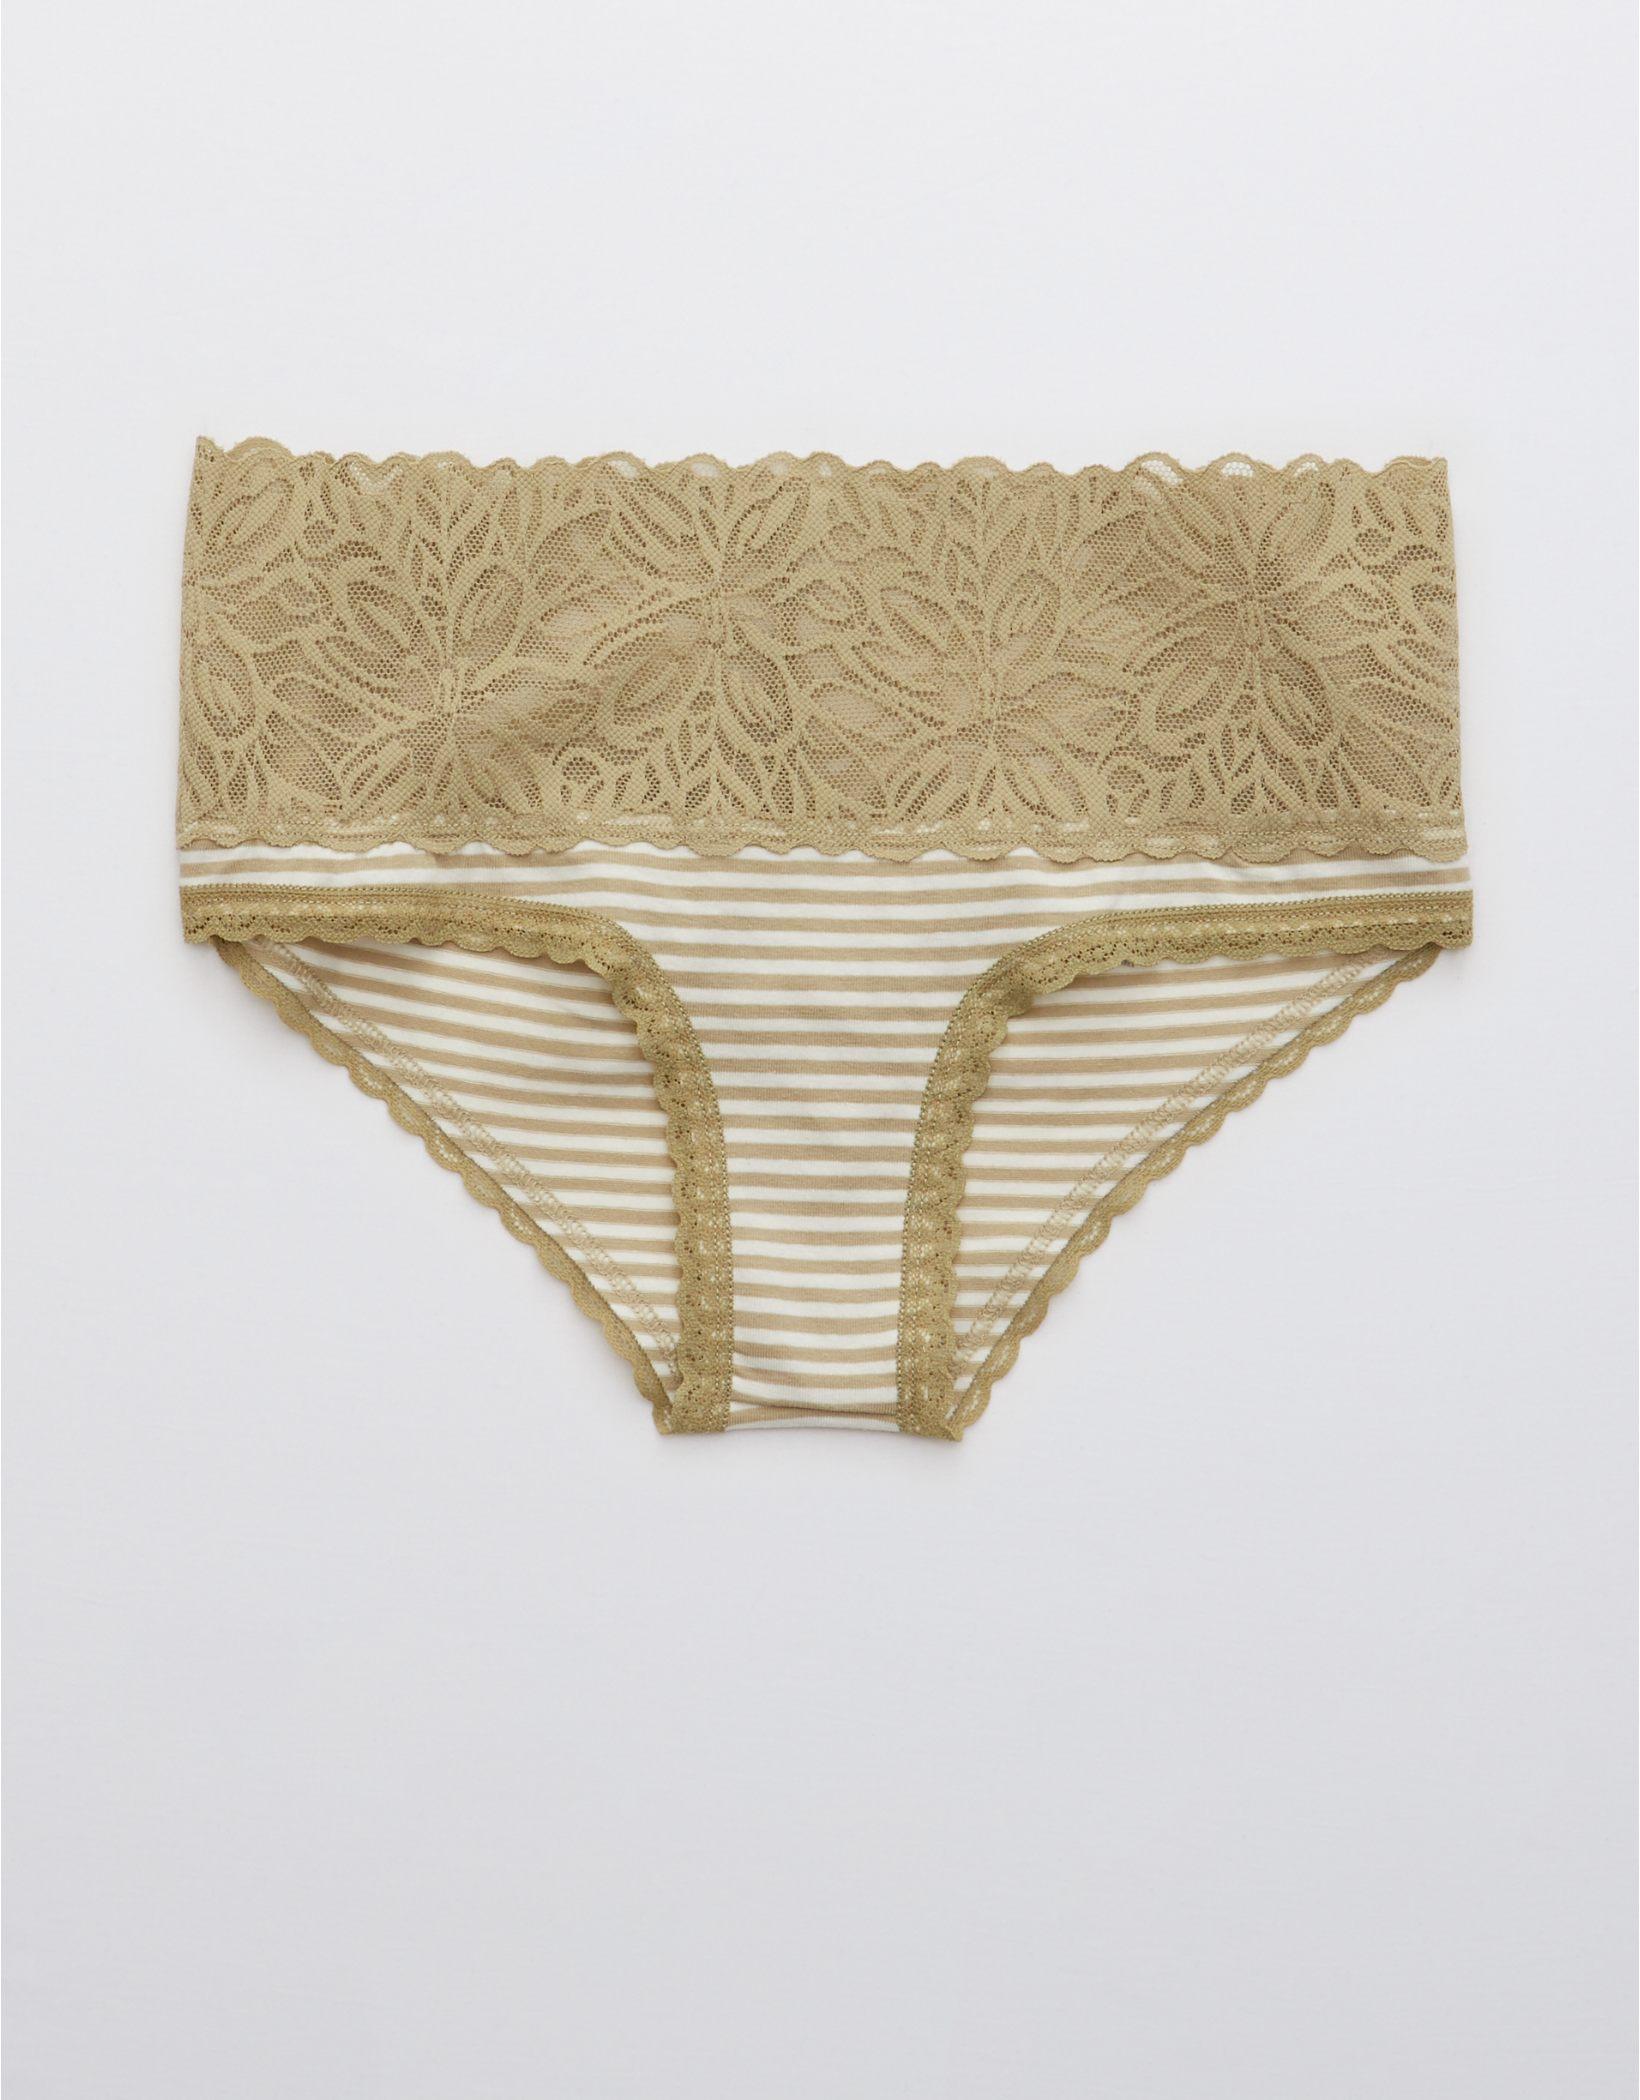 Aerie Cotton Firework Lace Striped Cheeky Underwear